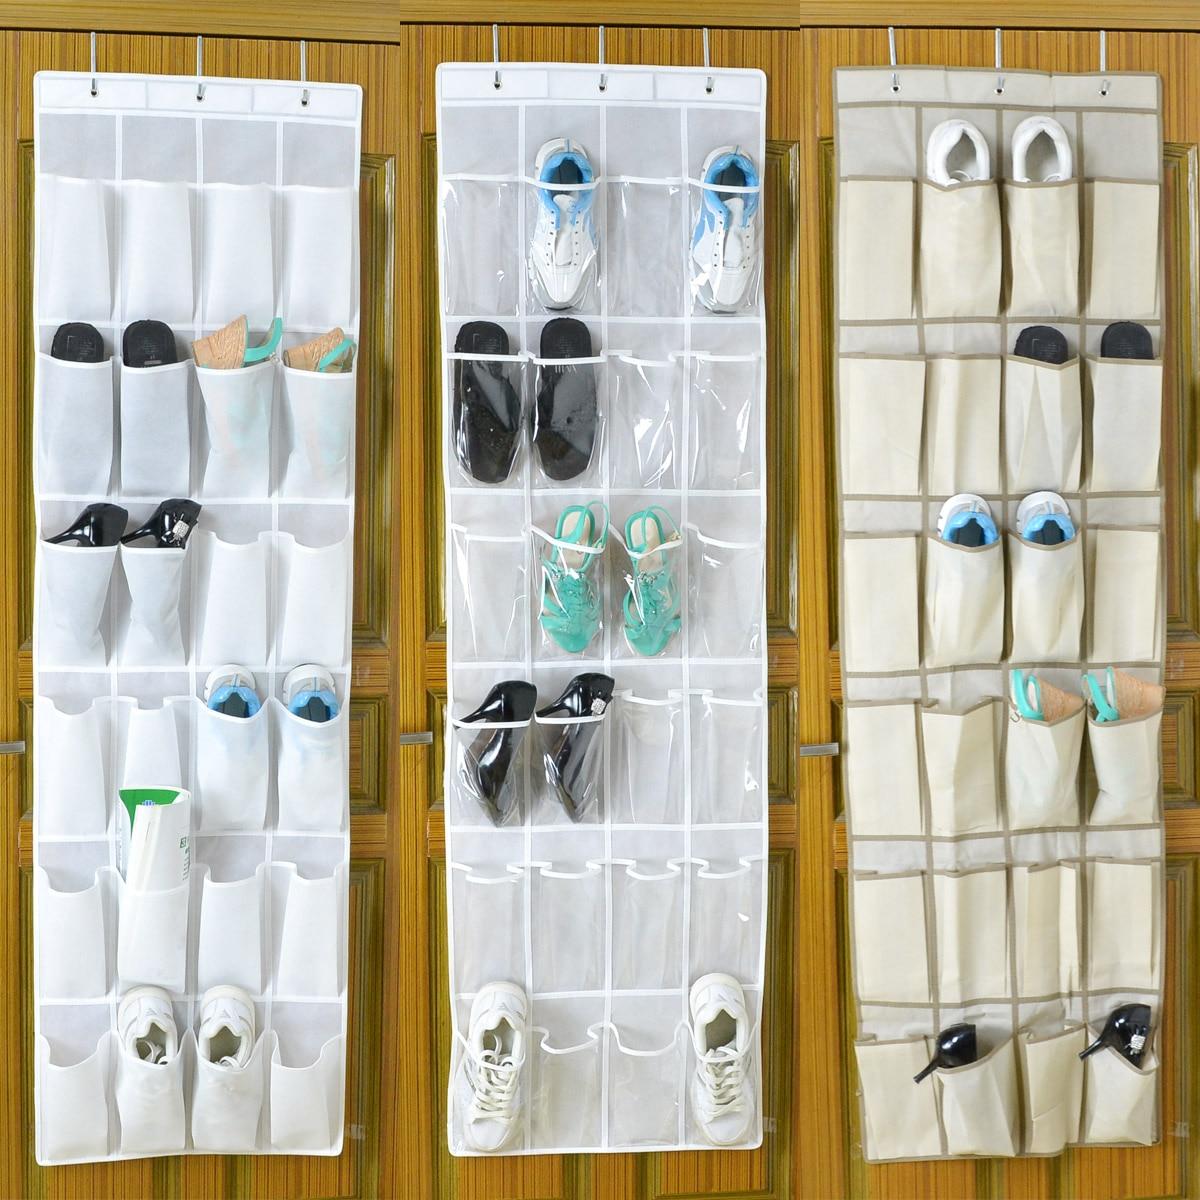 Schoenen Opbergzak Deur.Primped 20 Non Woven Small Storage Bag Walls Shoes Bag Door